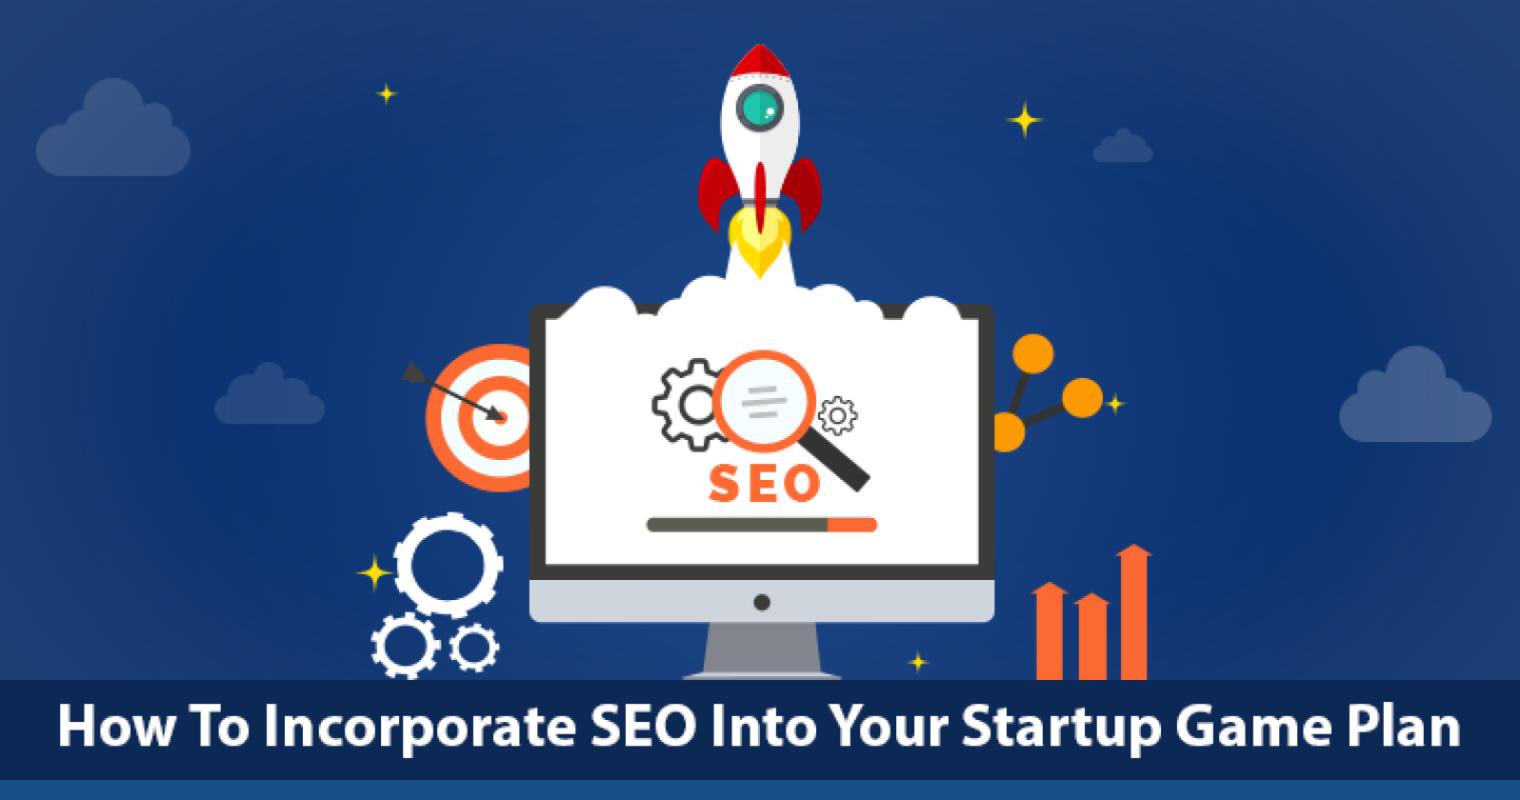 Tại sao SEO quan trọng với startup doanh nghiệp